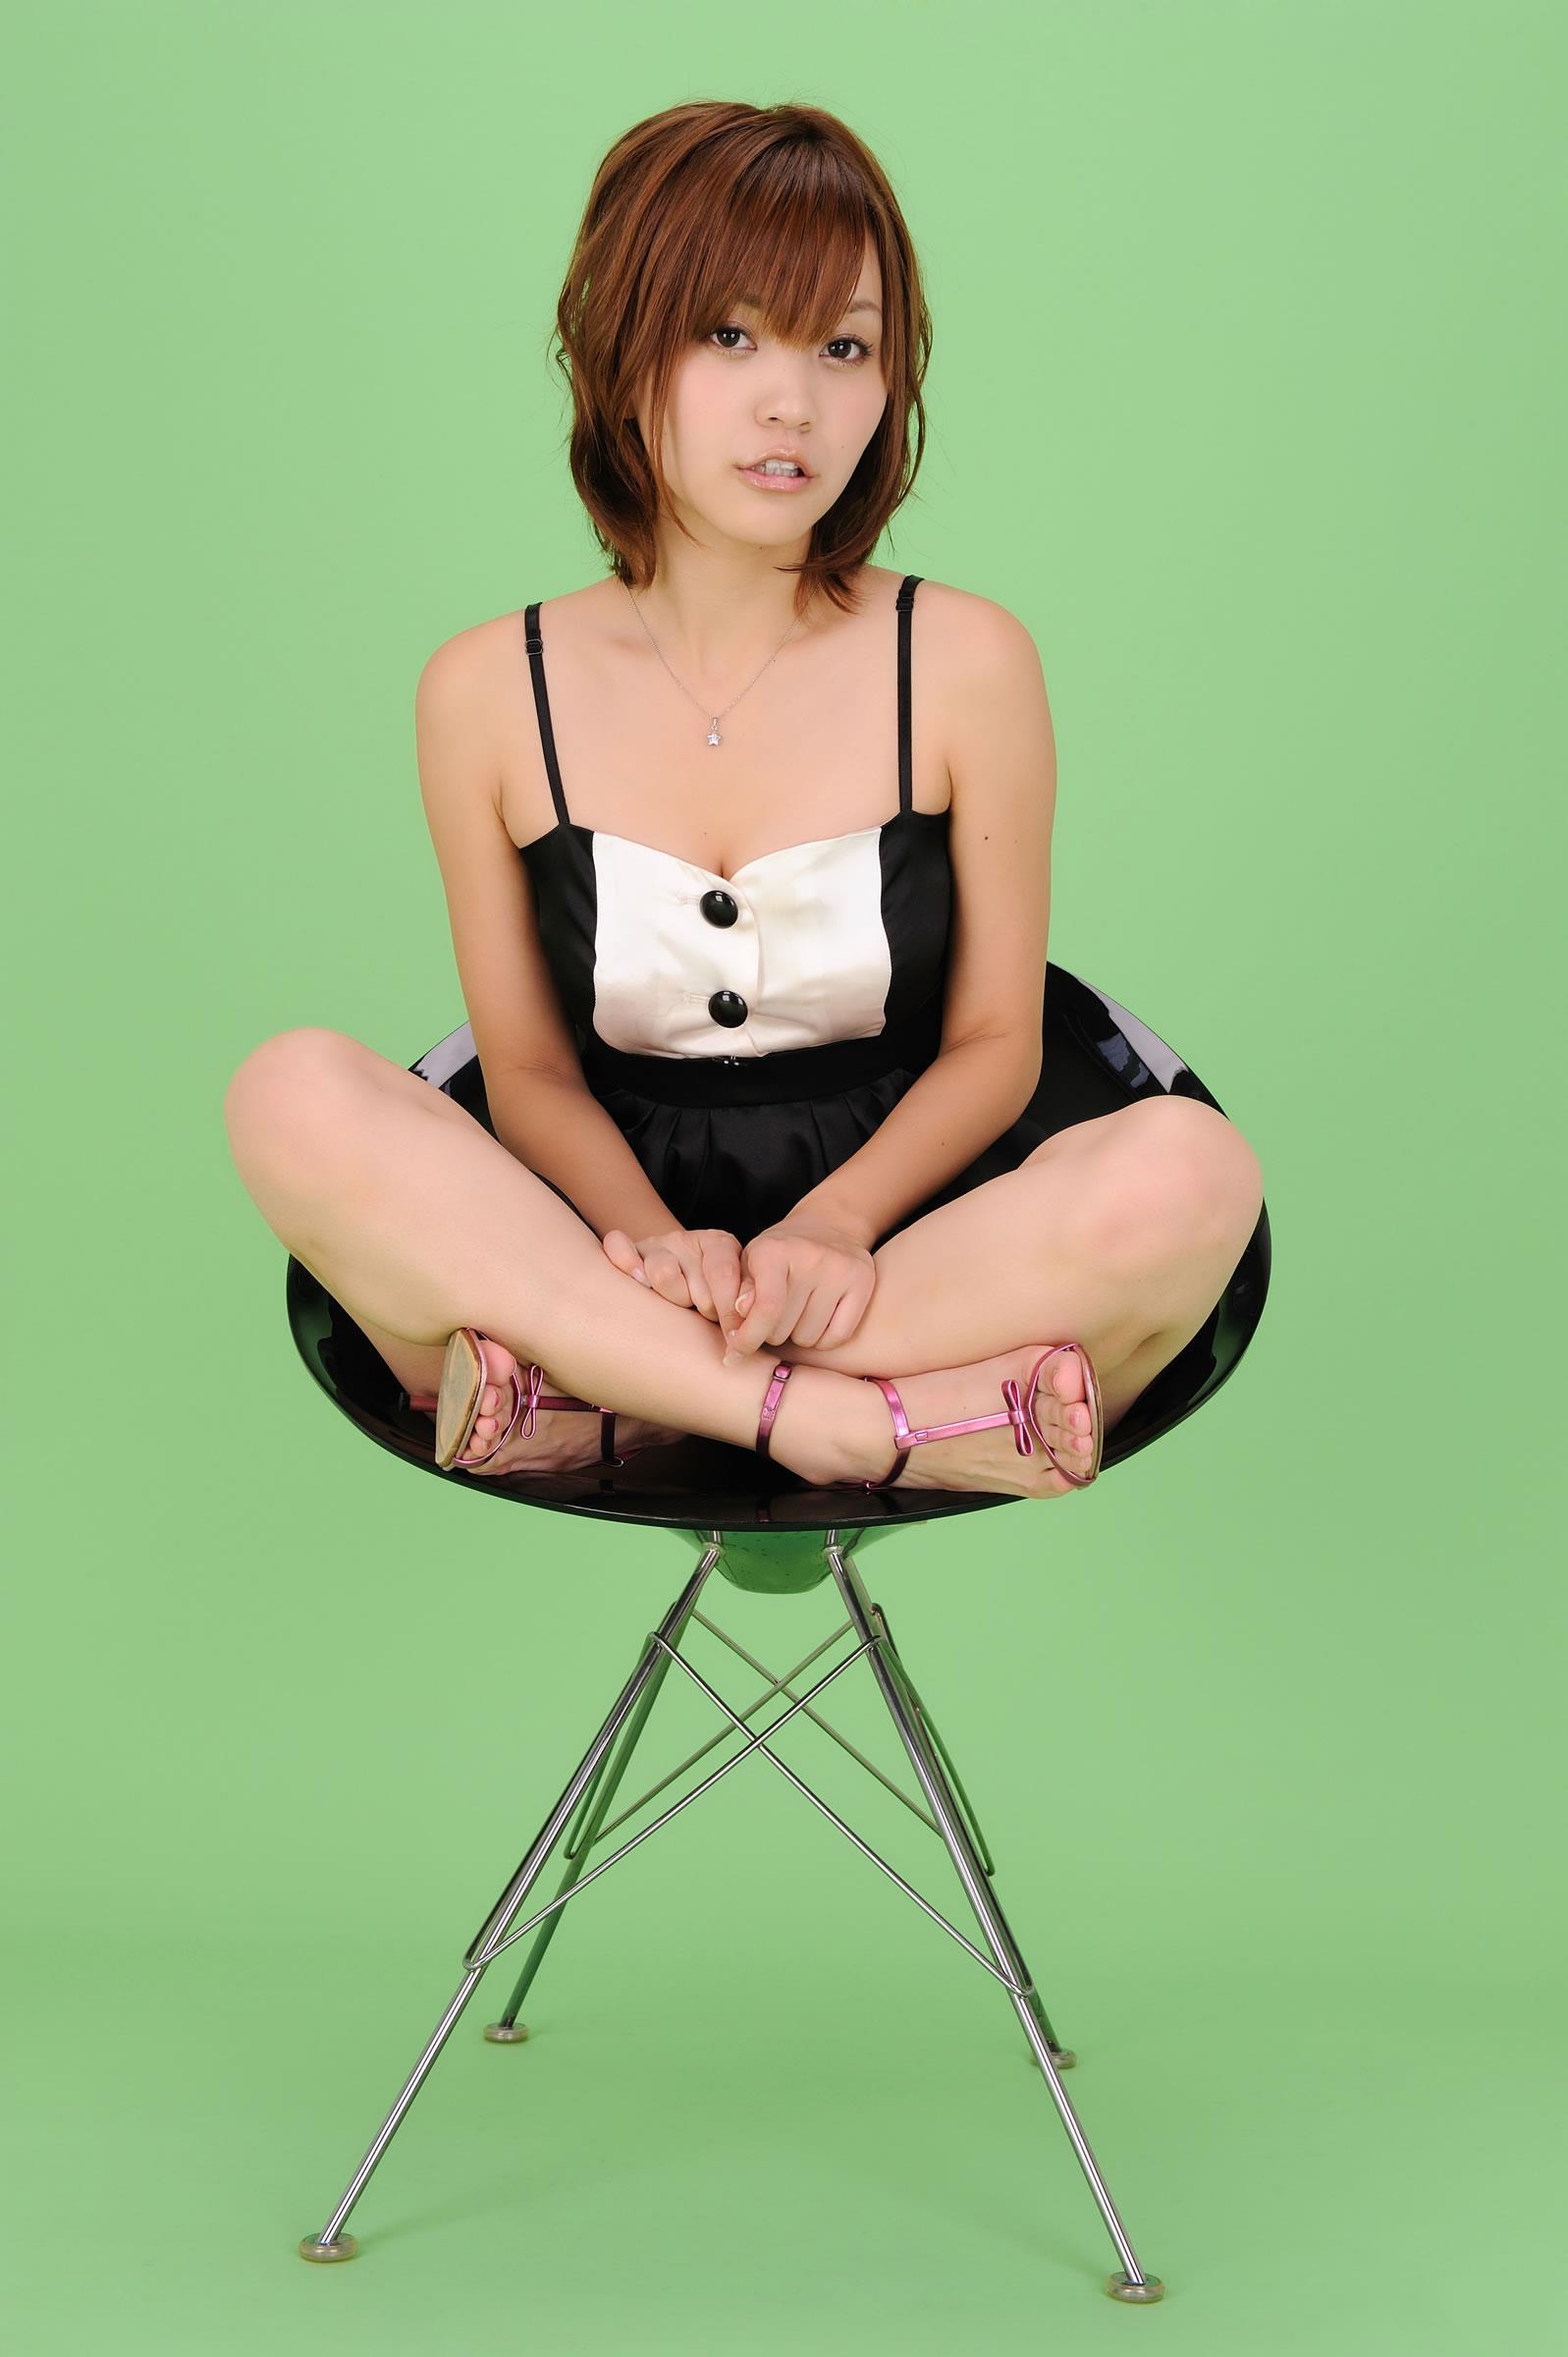 方女性大胆人体艺术_美腿秀247(桃原美奈)-美女人体艺术_美女诱惑_更好好看的美女